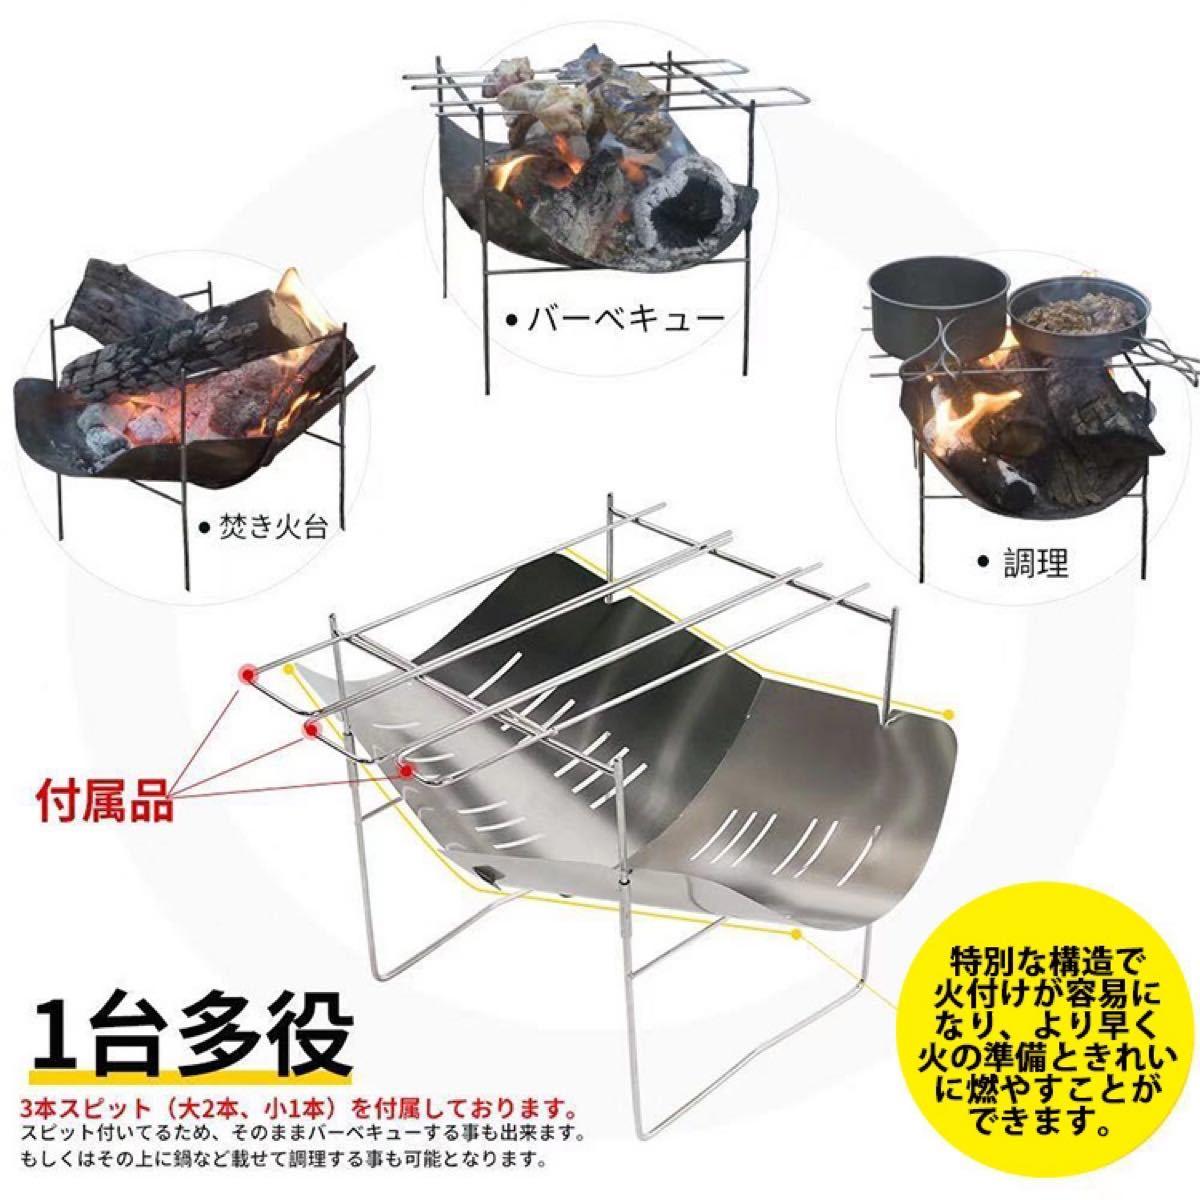 焚き火台 焚き火シート 折り畳み式 バーベキューコンロ スピット3本付き ソロキャンプ 高品質